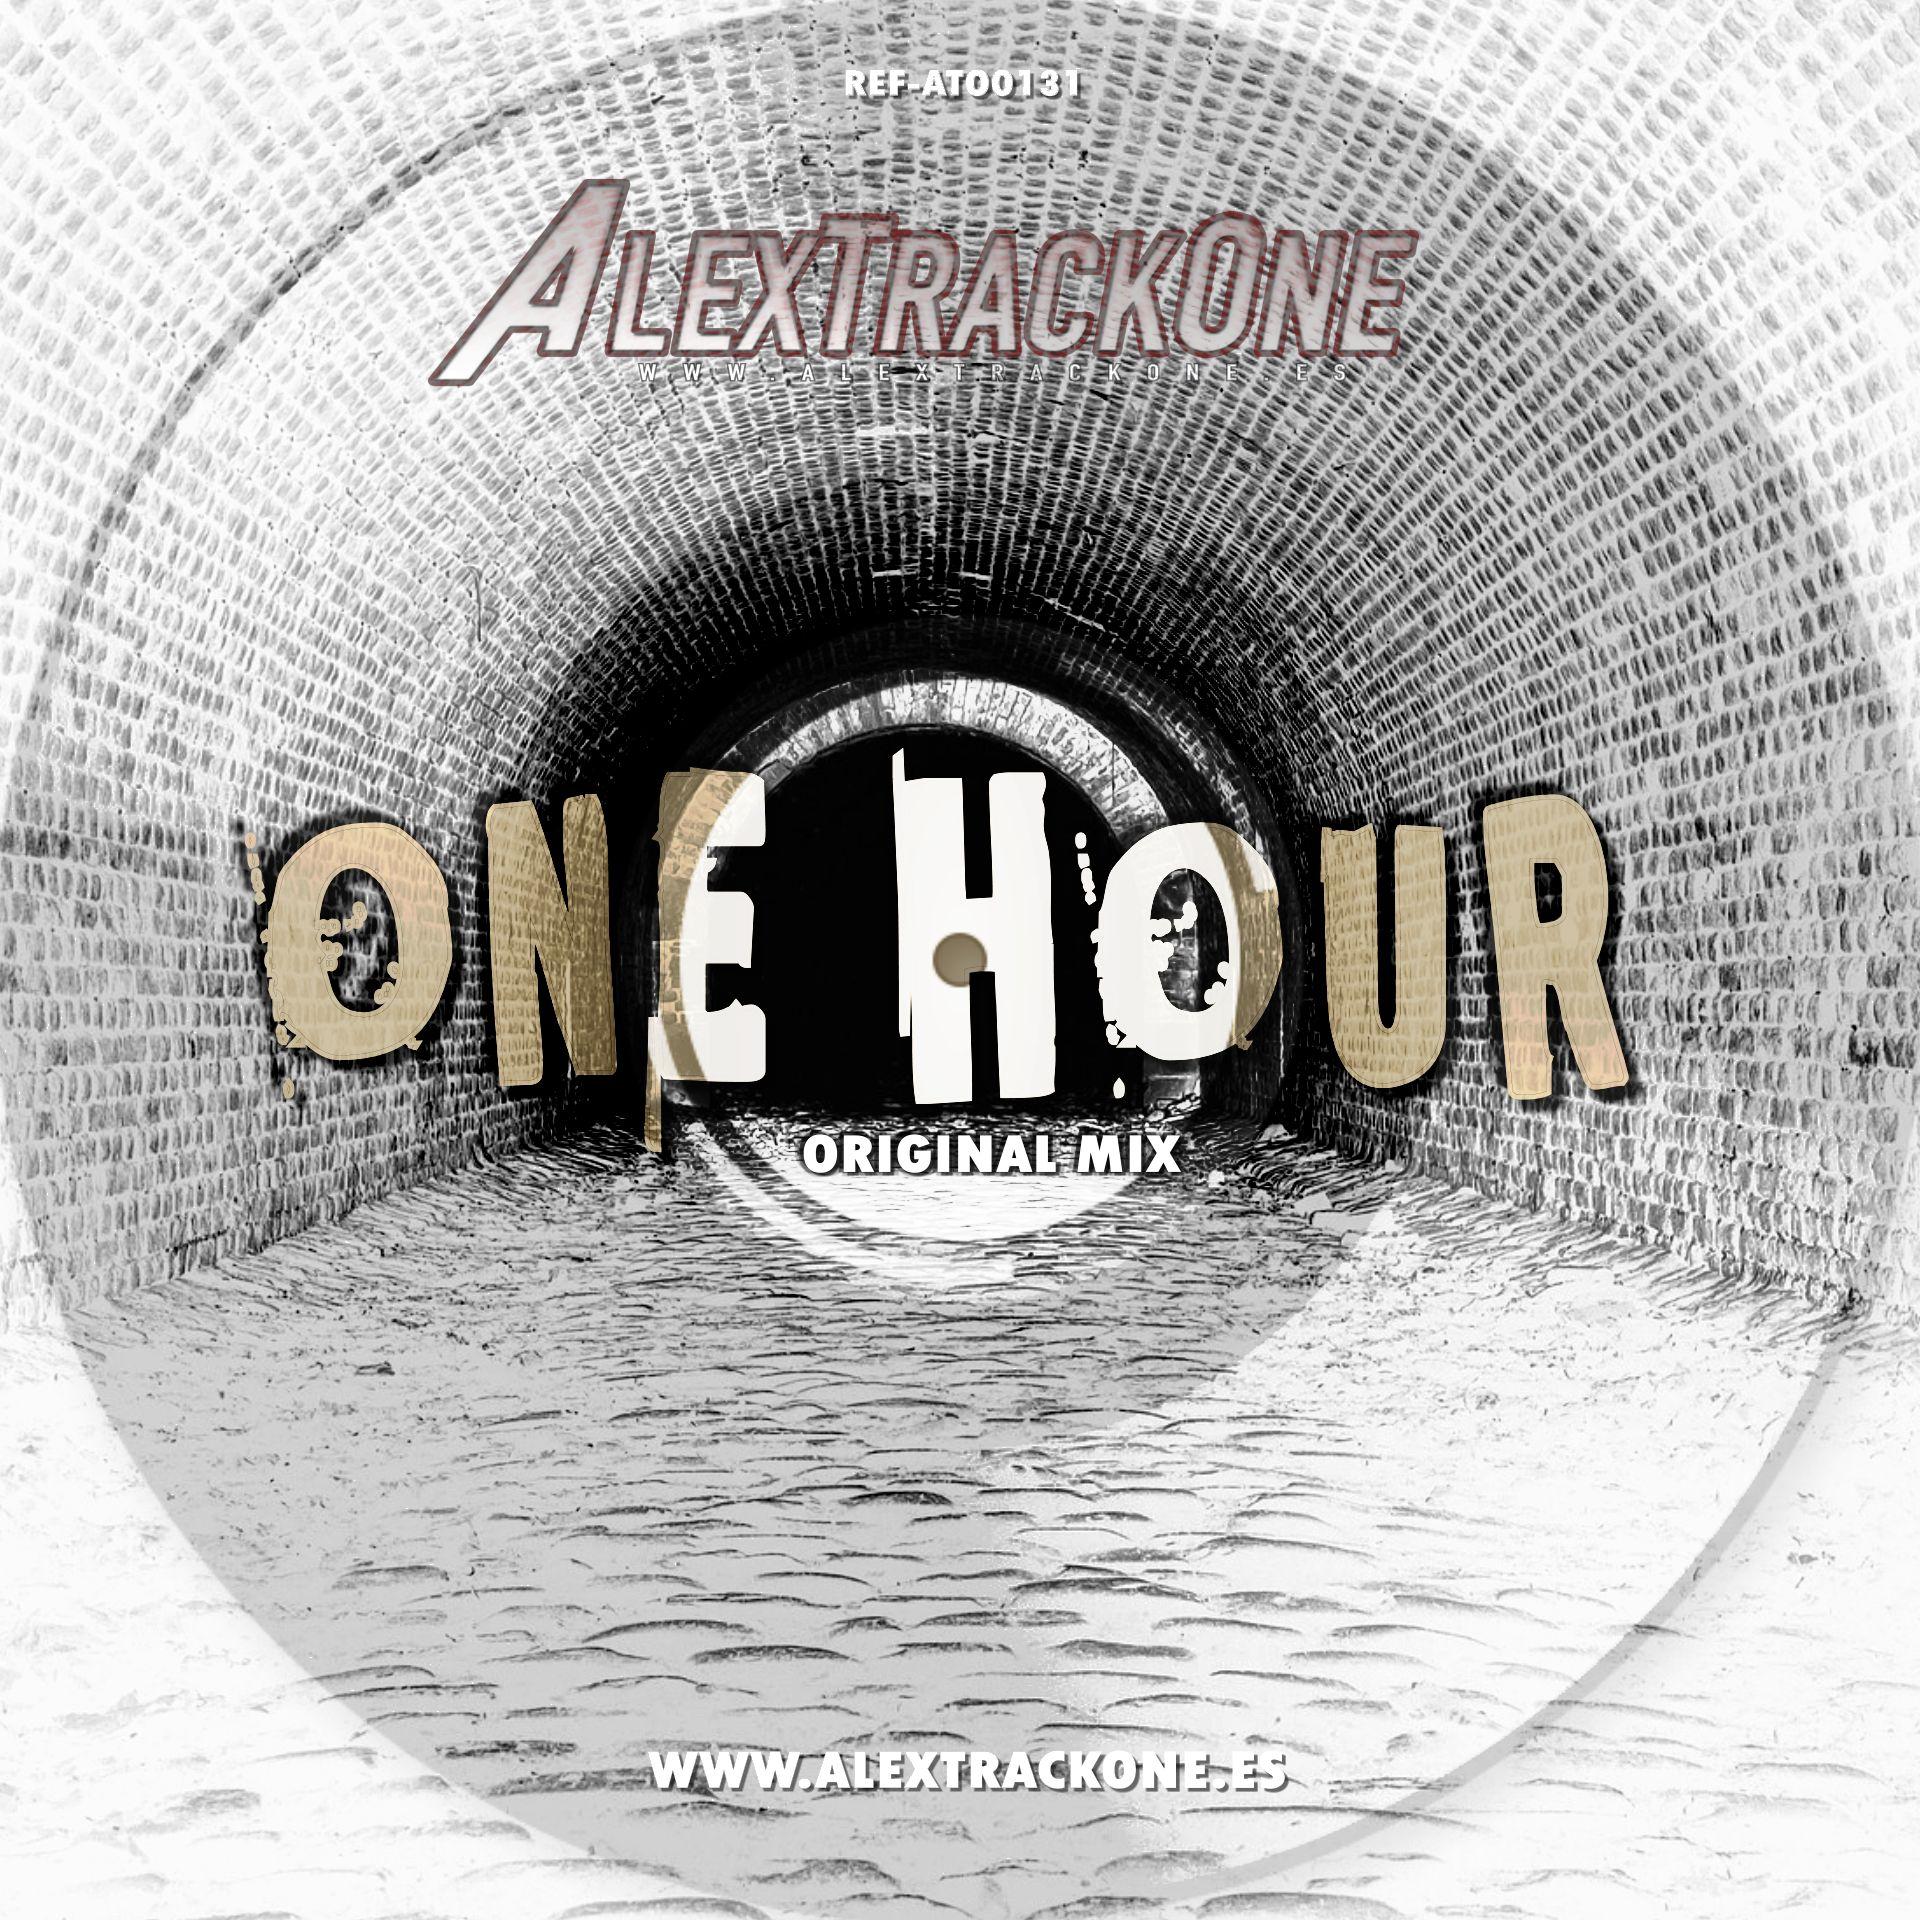 REF-ATO0131 ONE HOUR (ORIGINAL MIX) (MP3 & WAV & FLAC)